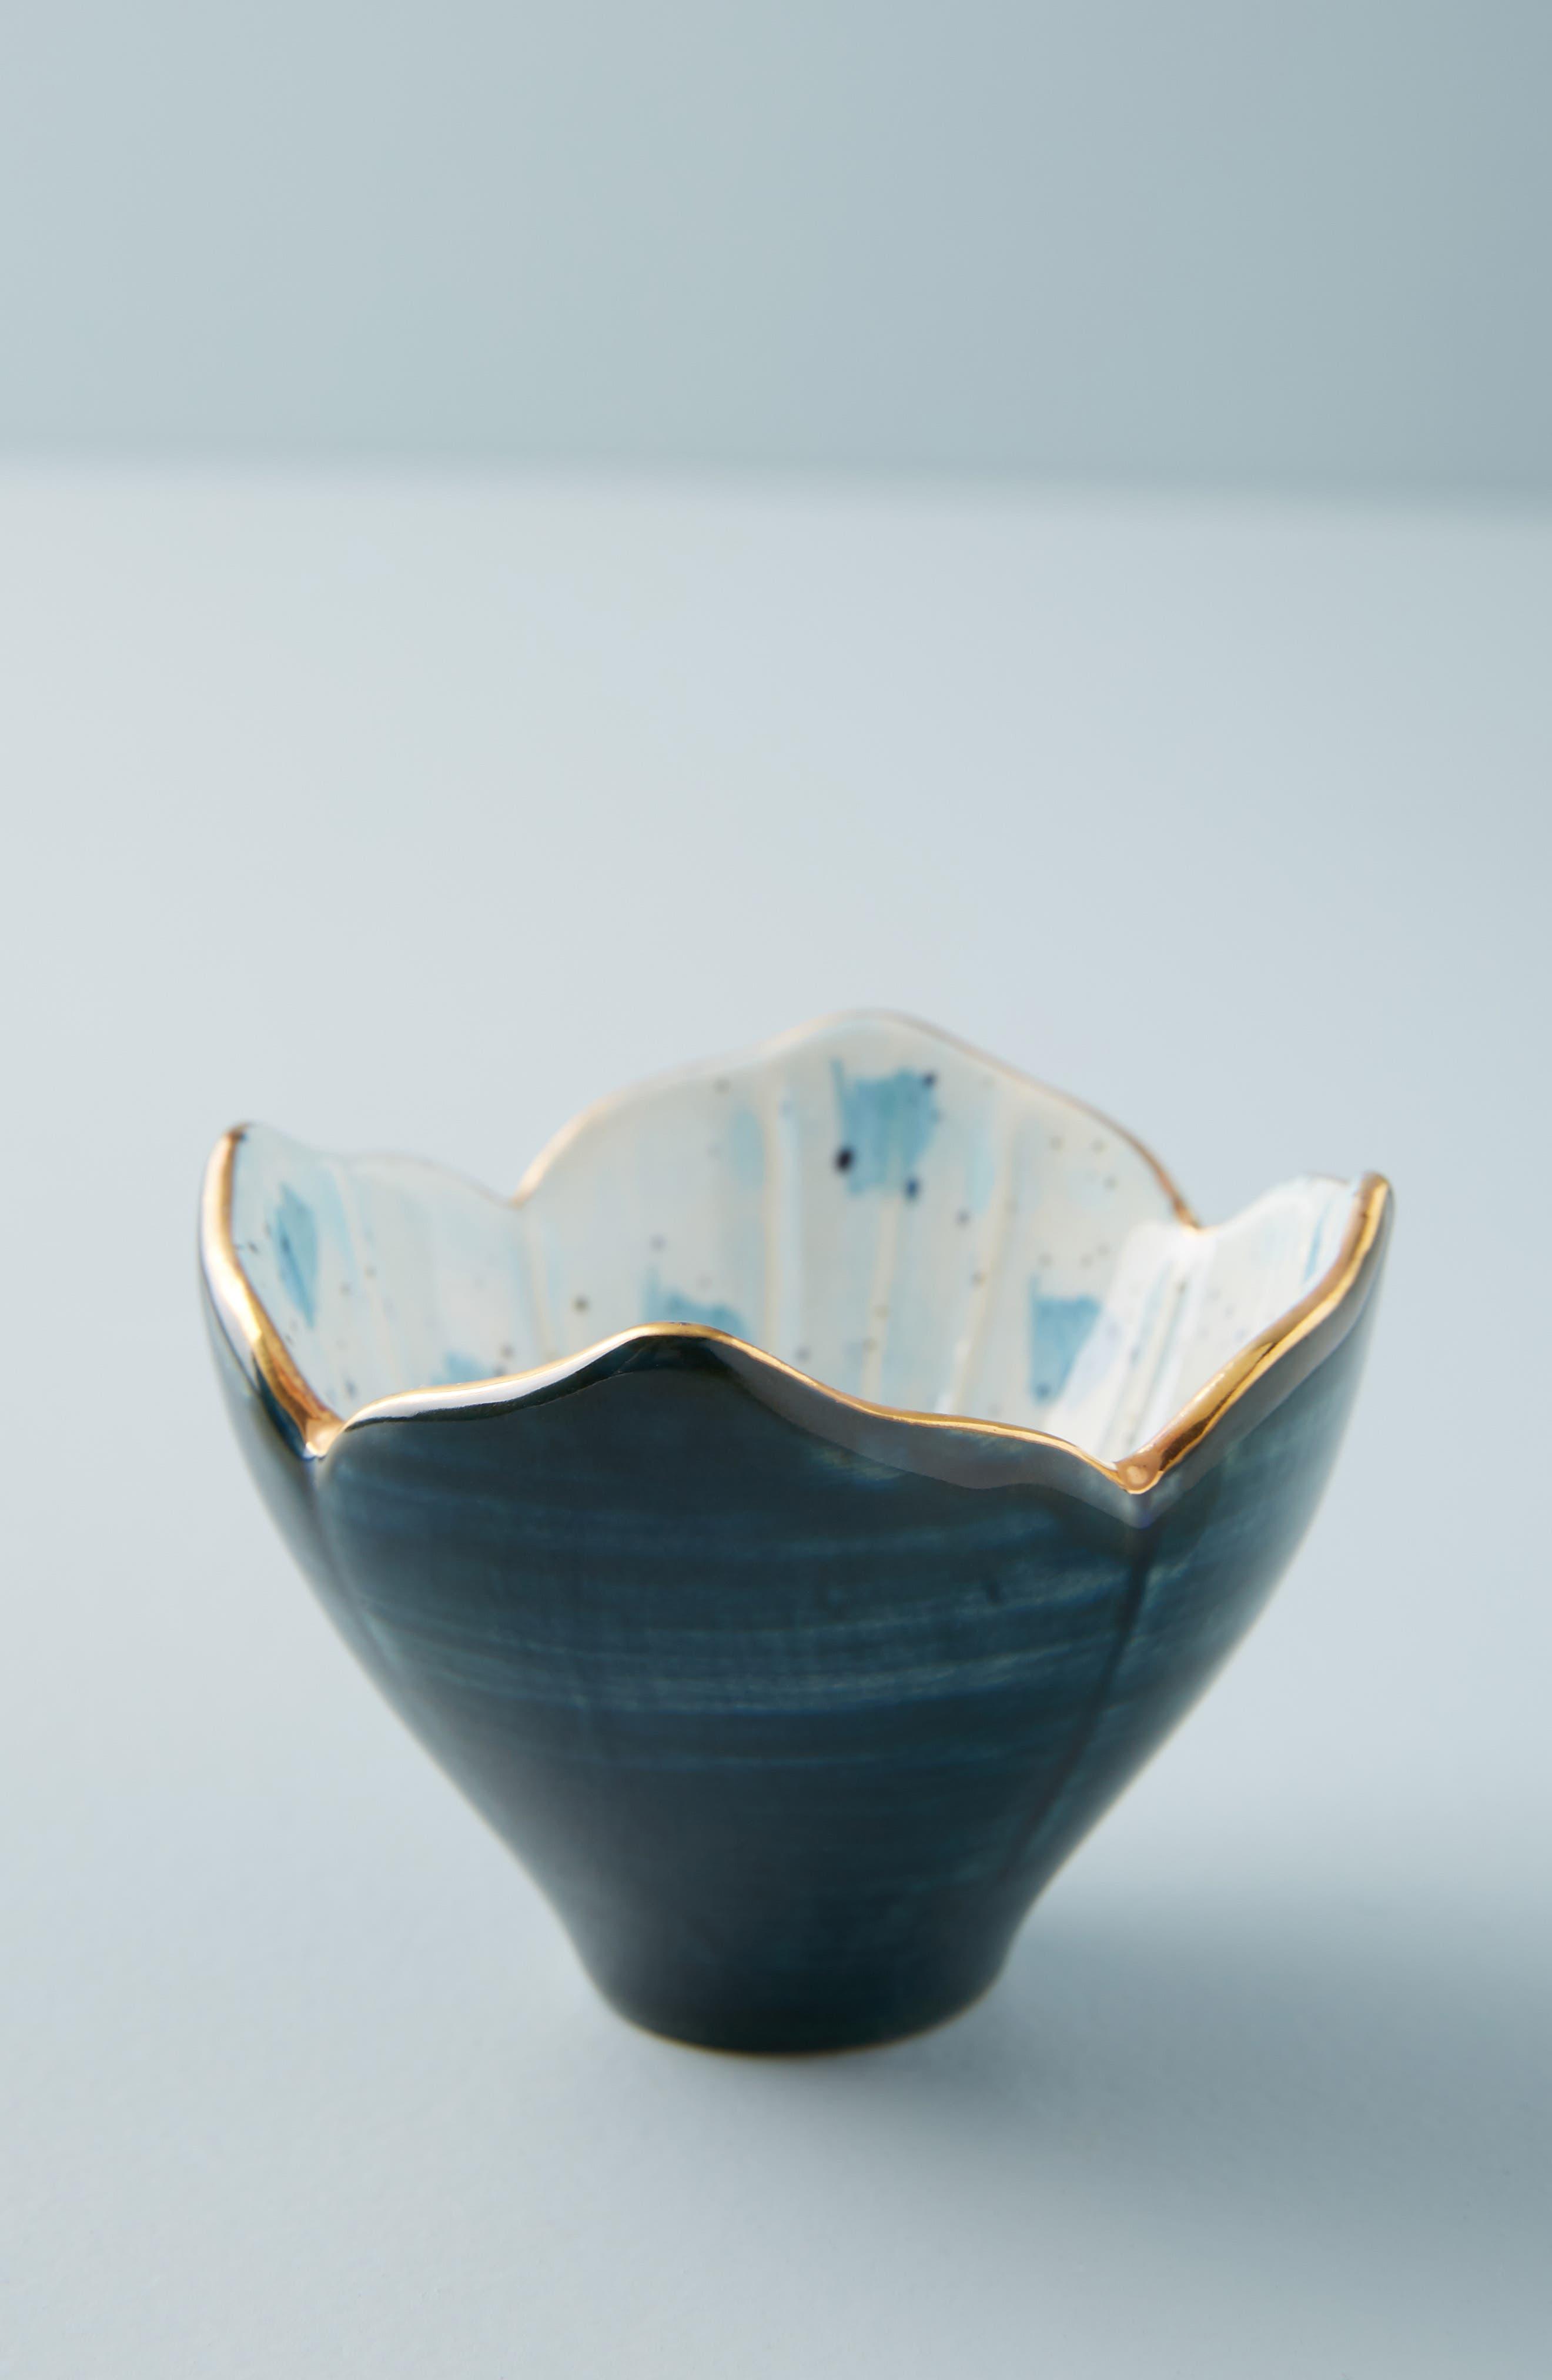 Flora Crocus Trinket Dish,                             Main thumbnail 1, color,                             BLUE